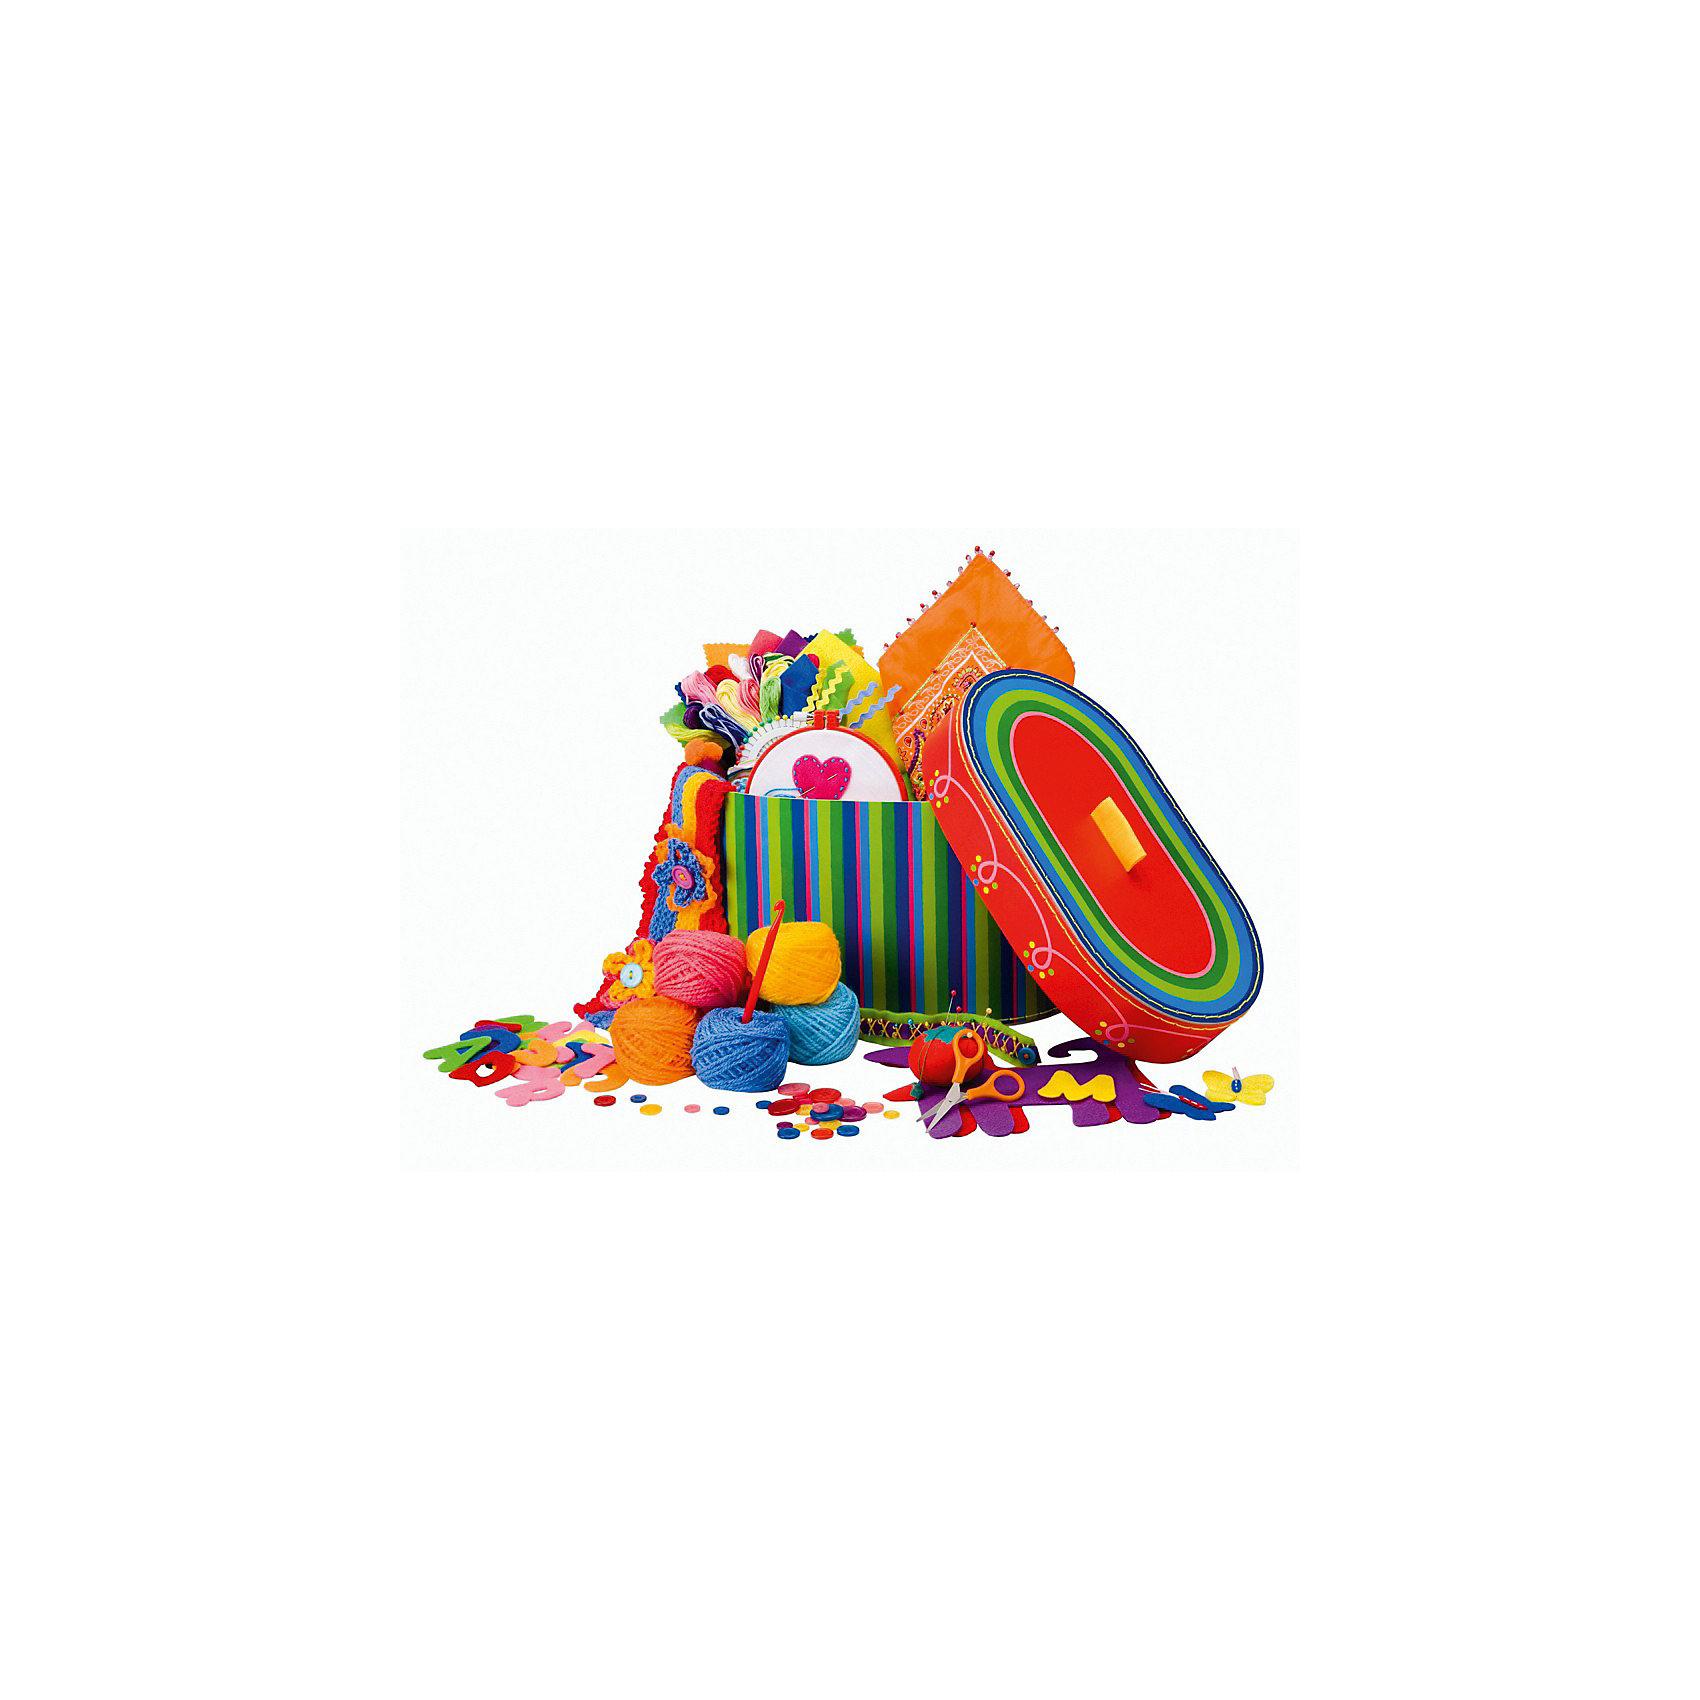 Большой набор для рукоделия 3 в 1 Вышивание, шитье, вязание крючком в кейсе, ALEXШерсть<br>С этим большим набором девочки смогут постичь азы рукоделия и увлечься вязанием и вышиванием. <br>В комплекте - все, чтобы создать 9 разных изделий - игрушку-собачку, кошелек, брошь из фетра, бандану, украшенную вышивкой, вышитую картинку в рамке, повязку на голову, браслеты и шарф. <br>Упакован в красочный саквояж с ручкой.<br> От 8 лет<br><br>Ширина мм: 304<br>Глубина мм: 178<br>Высота мм: 178<br>Вес г: 700<br>Возраст от месяцев: 72<br>Возраст до месяцев: 168<br>Пол: Женский<br>Возраст: Детский<br>SKU: 3714636